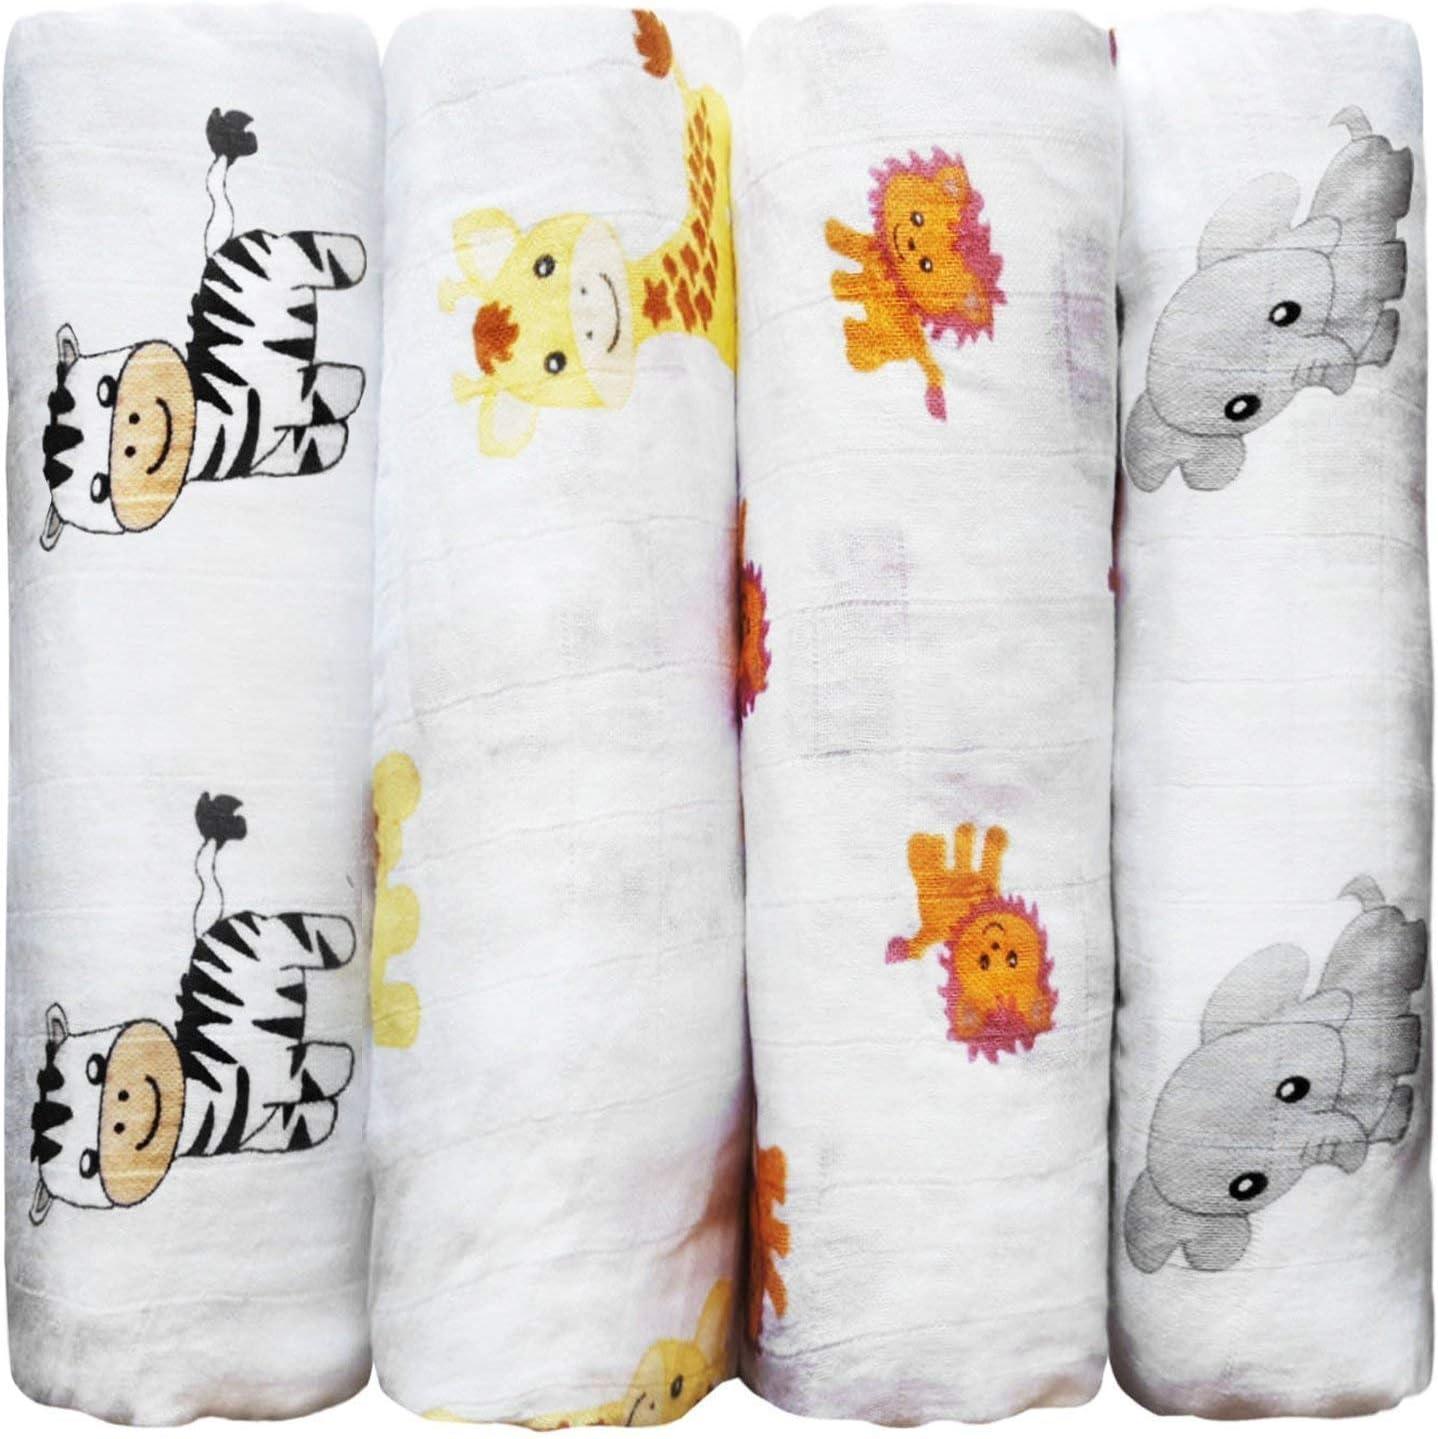 4x Pack CuddleBug Mantas de Muselina Unisex Mantas de Beb/é Suaves y Multiusos Sabanas de Cuna de Tama/ño Grande 120x120cm Safari Friends Muselinas para Beb/é tipo Pa/ños de Algod/ón 100/%